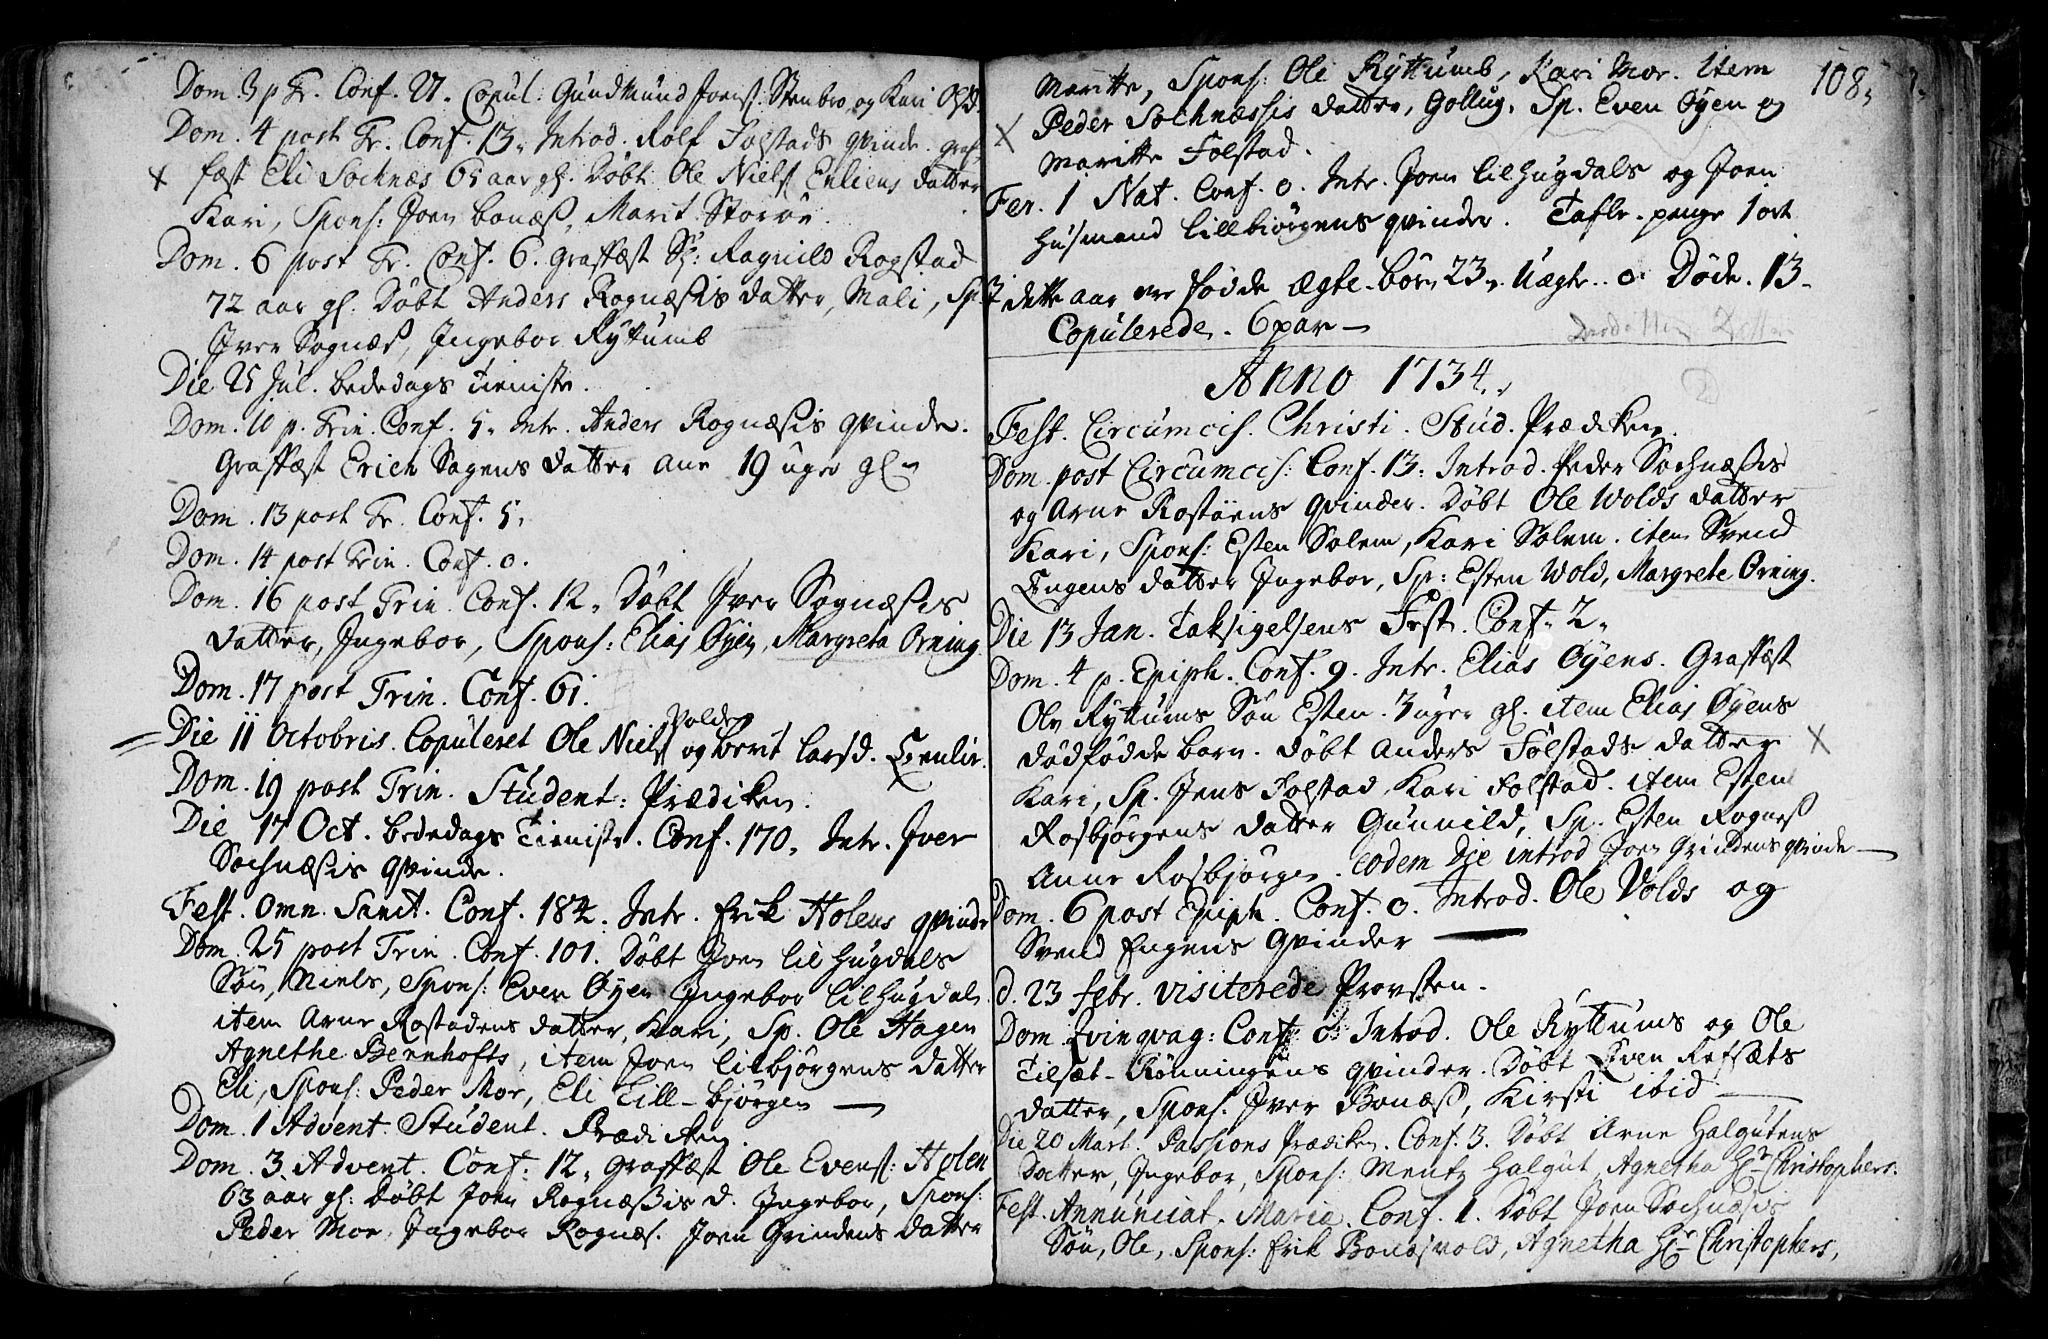 SAT, Ministerialprotokoller, klokkerbøker og fødselsregistre - Sør-Trøndelag, 687/L0990: Ministerialbok nr. 687A01, 1690-1746, s. 108